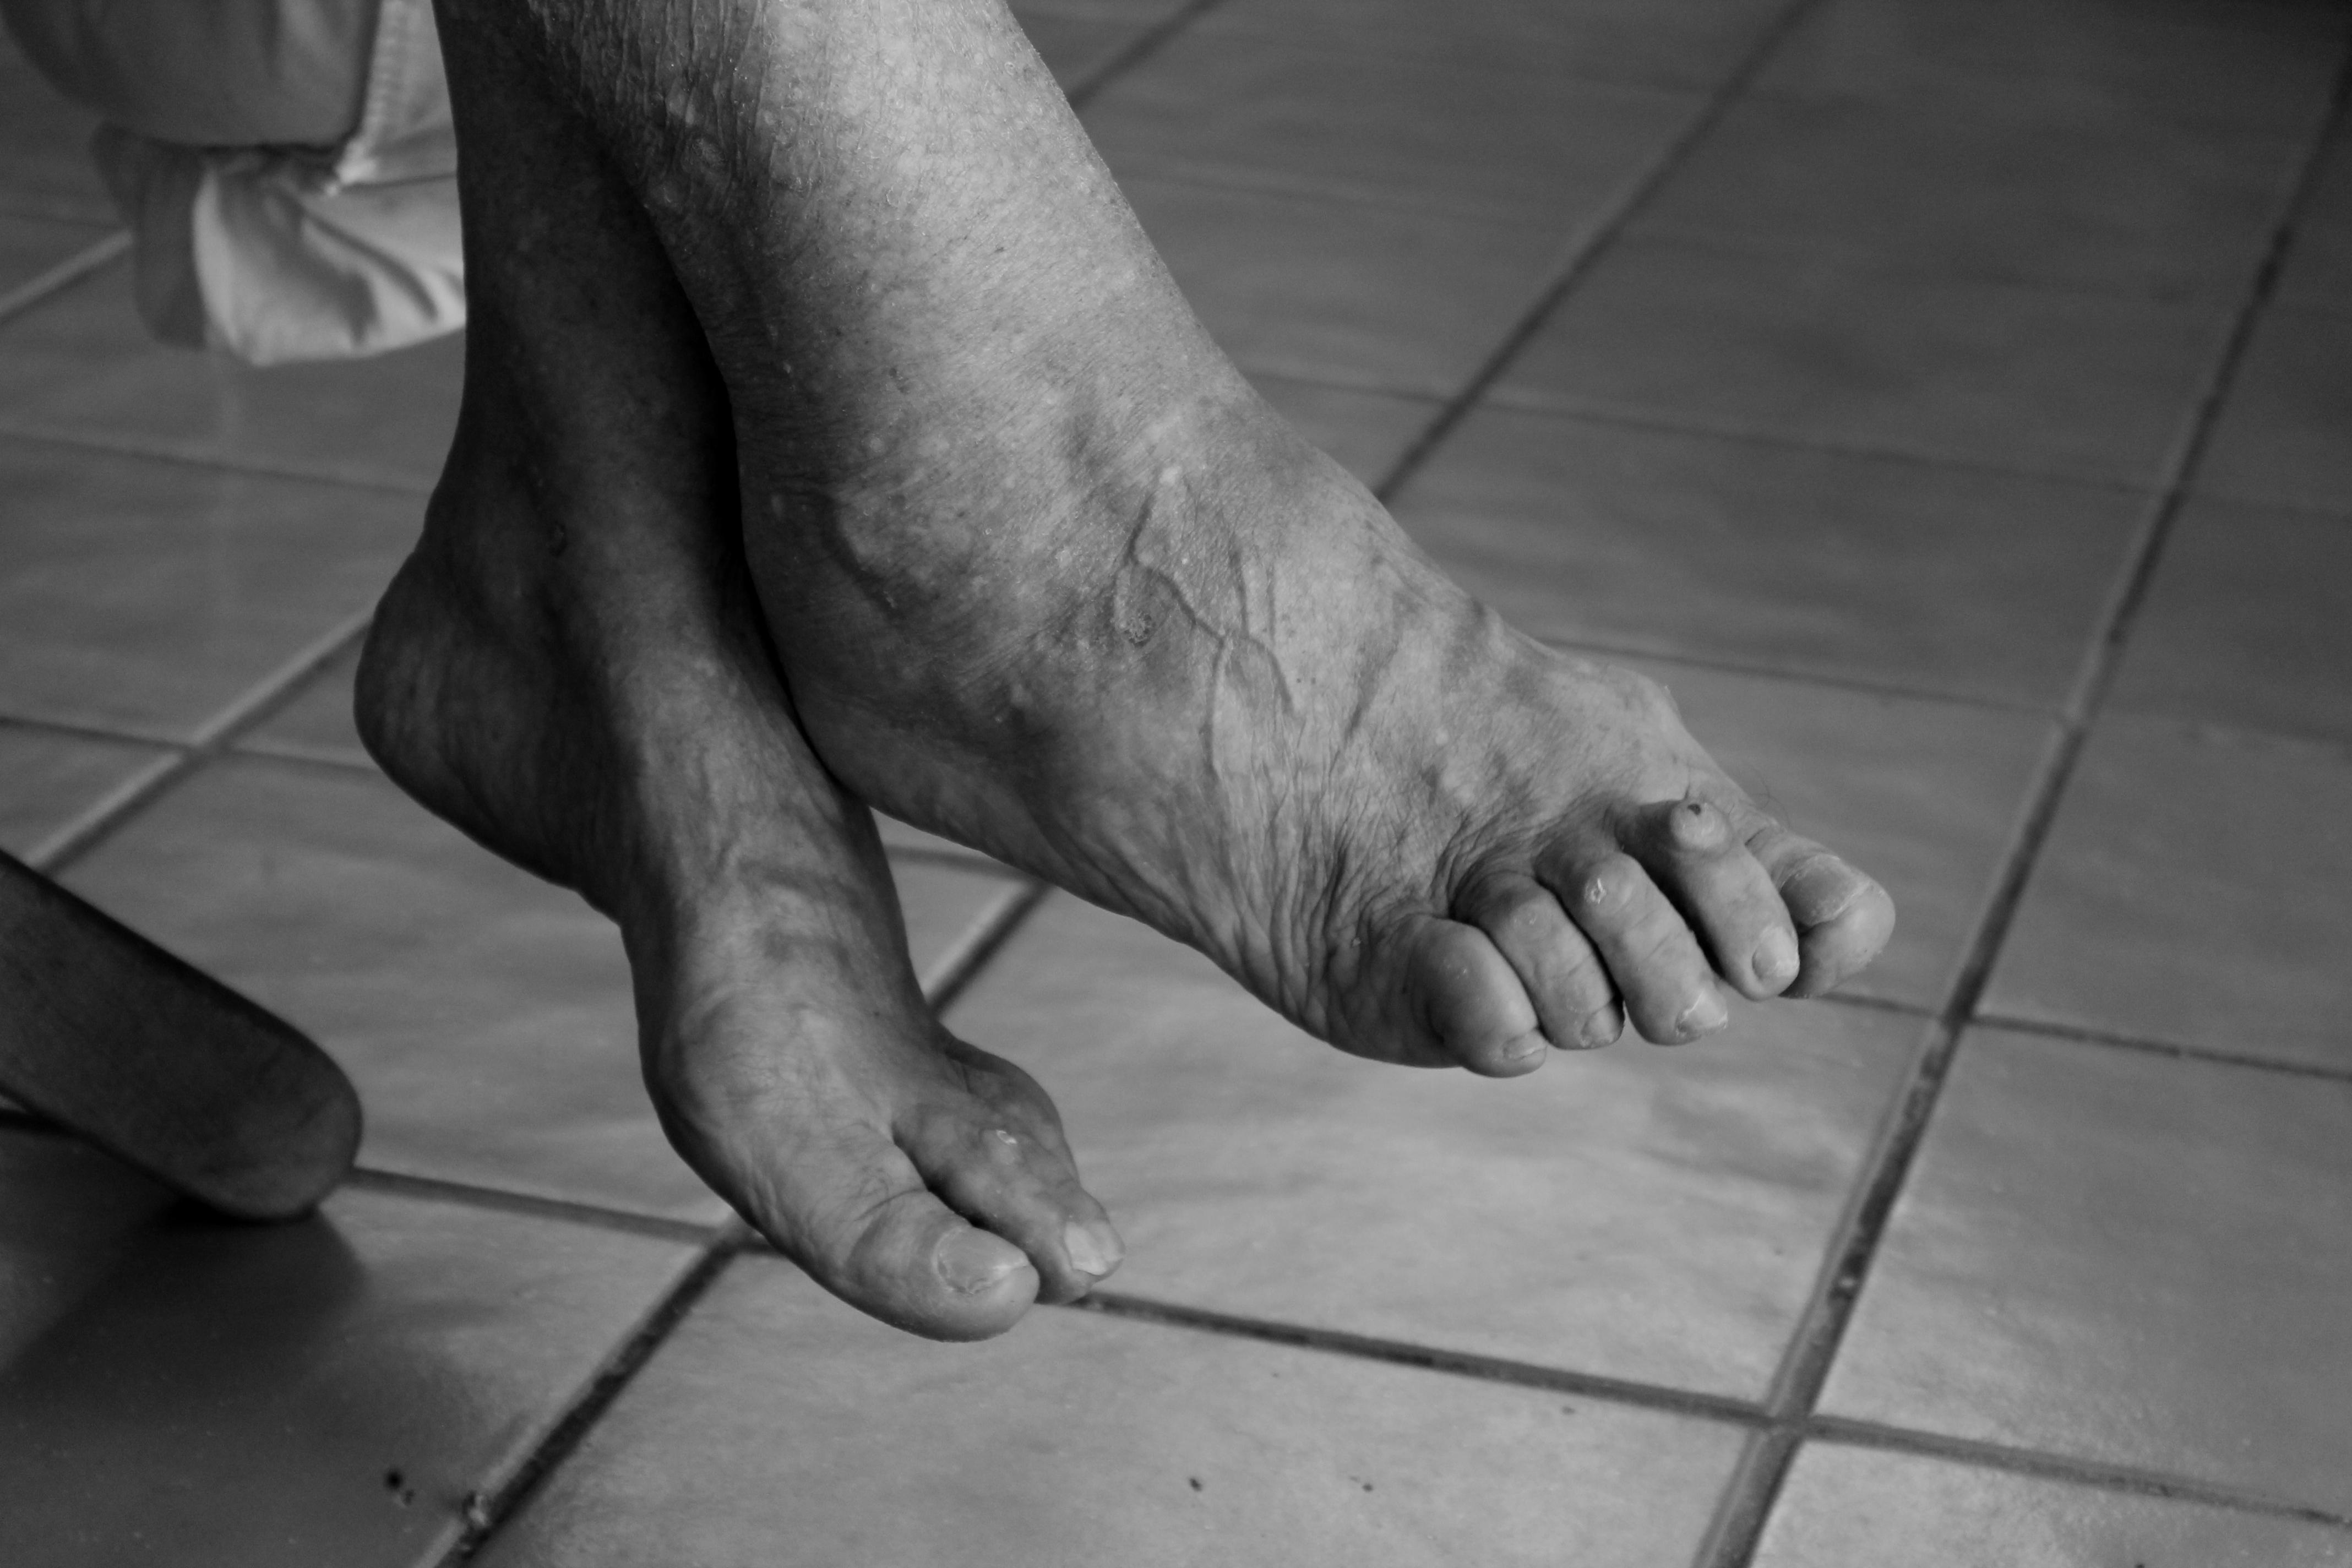 Как вылечить остеоартроз стопы: советы врача